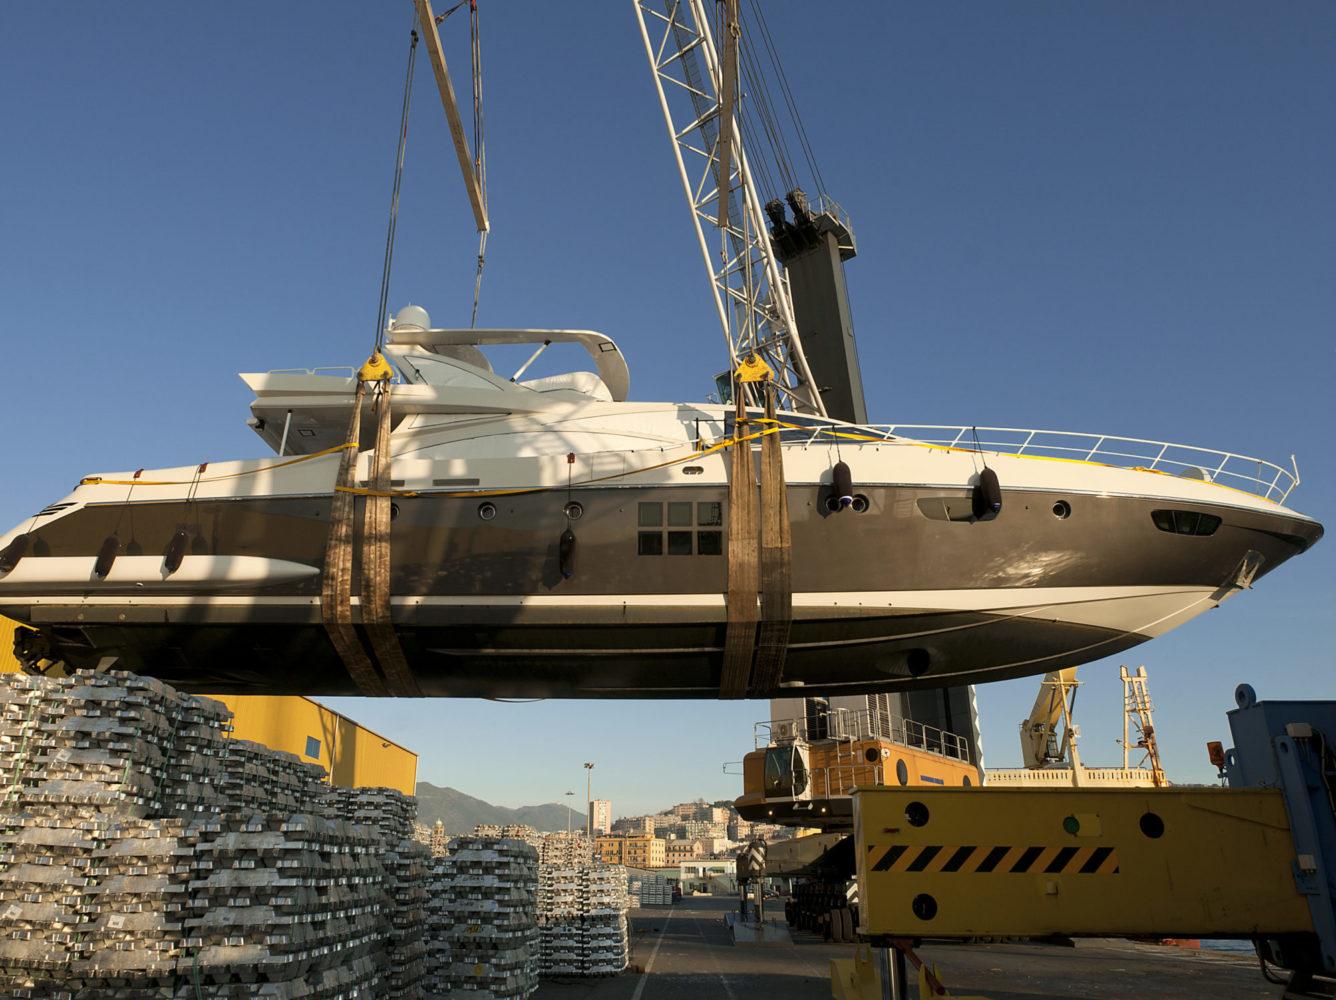 Marine-industry-ocean-shipping-motor-boat-transport-crane